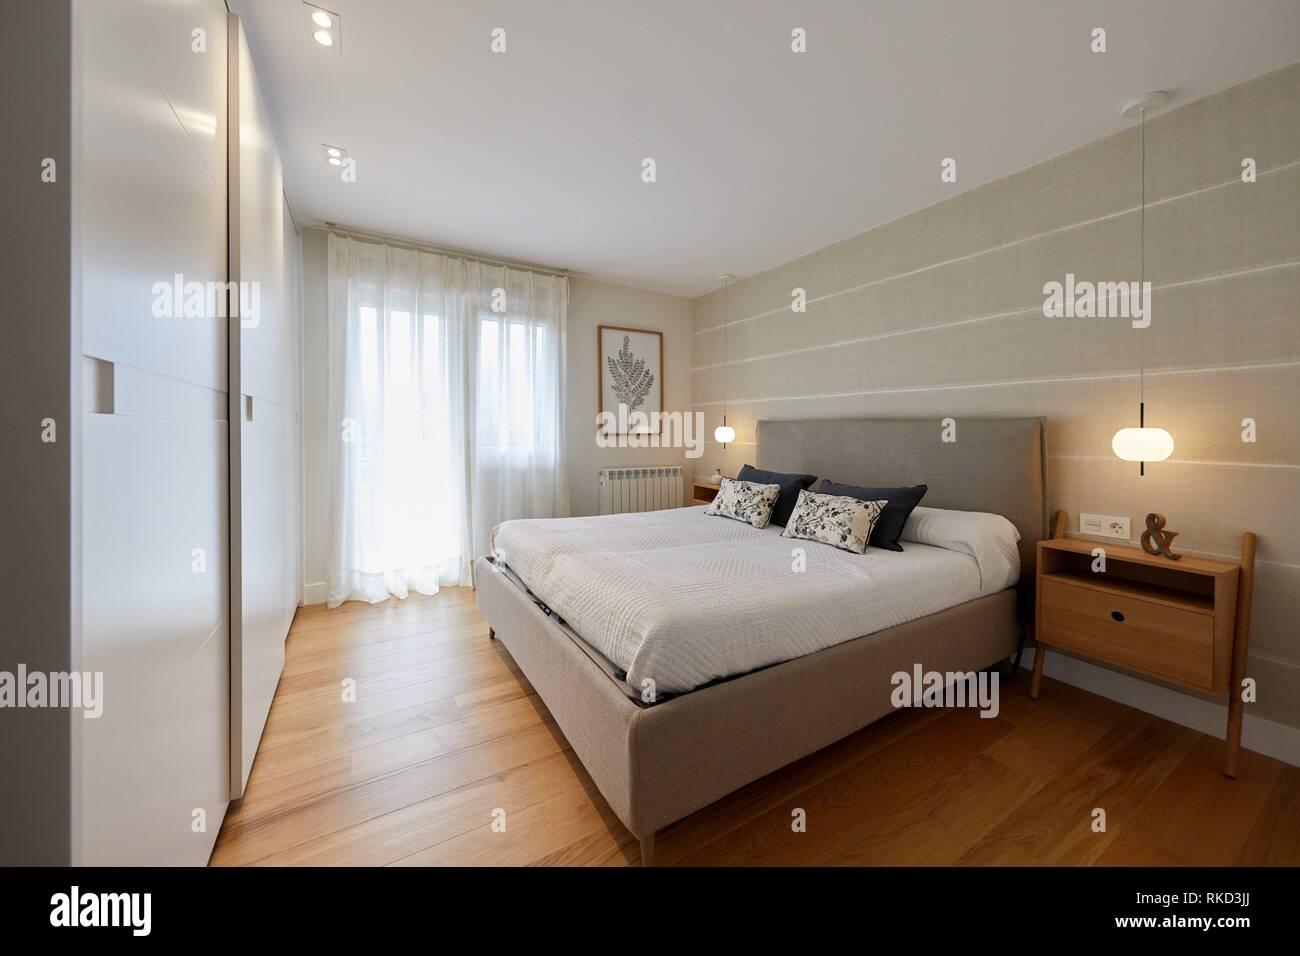 Chambre à Coucher, Lu0027éclairage, La Décoration Du0027intérieur Du Logement,  Oñati, Gipuzkoa, Pays Basque, Espagne, Europe